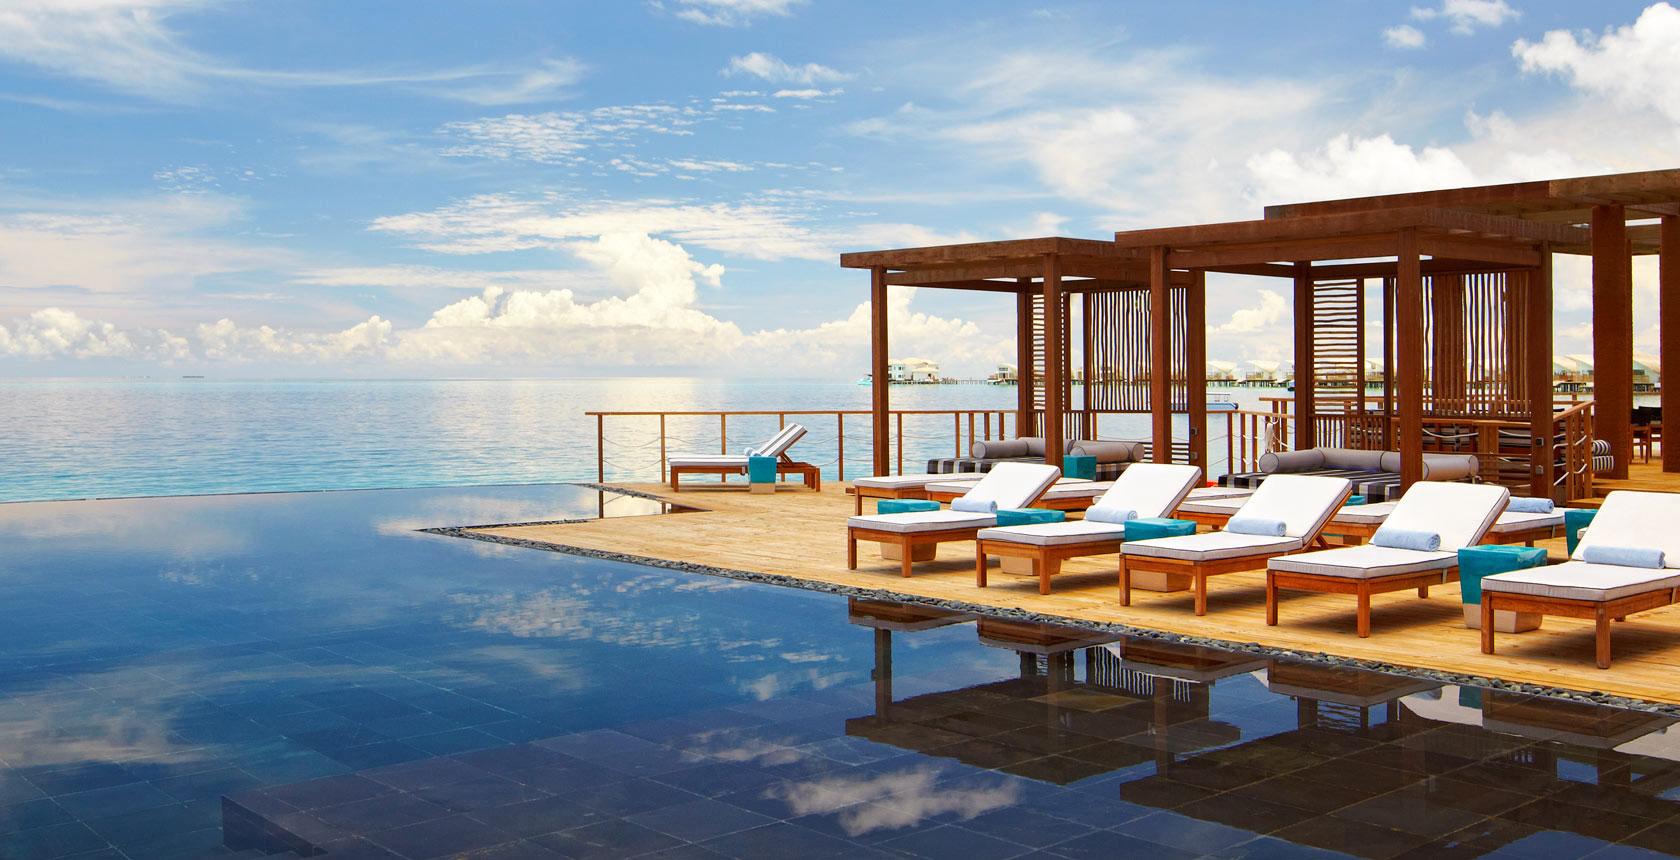 Viceroy-Hotel-Sand-Resort-10